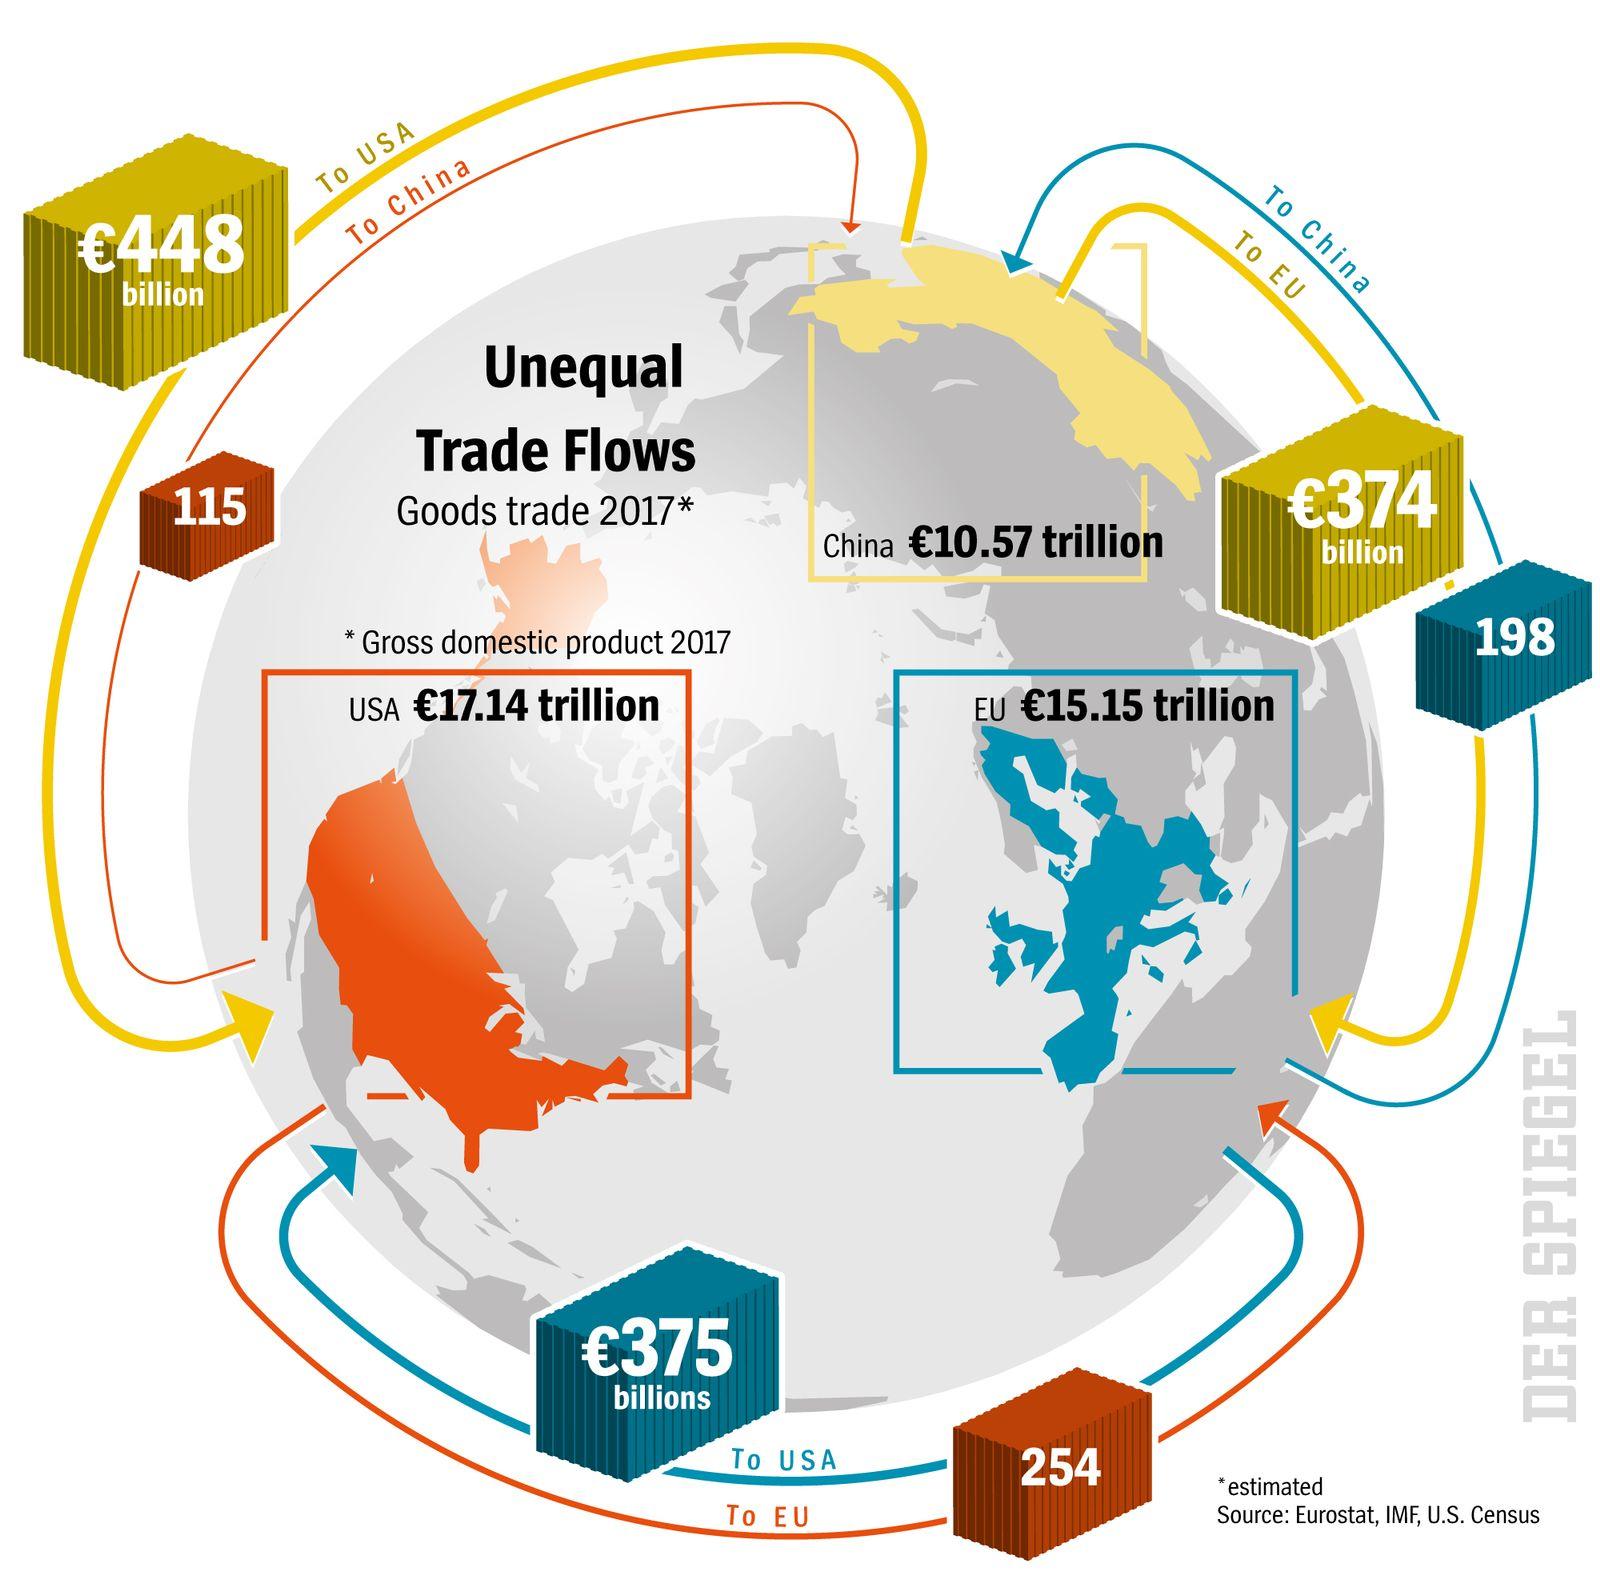 DER SPIEGEL 11/2018 S.16Unequal Trade Flows